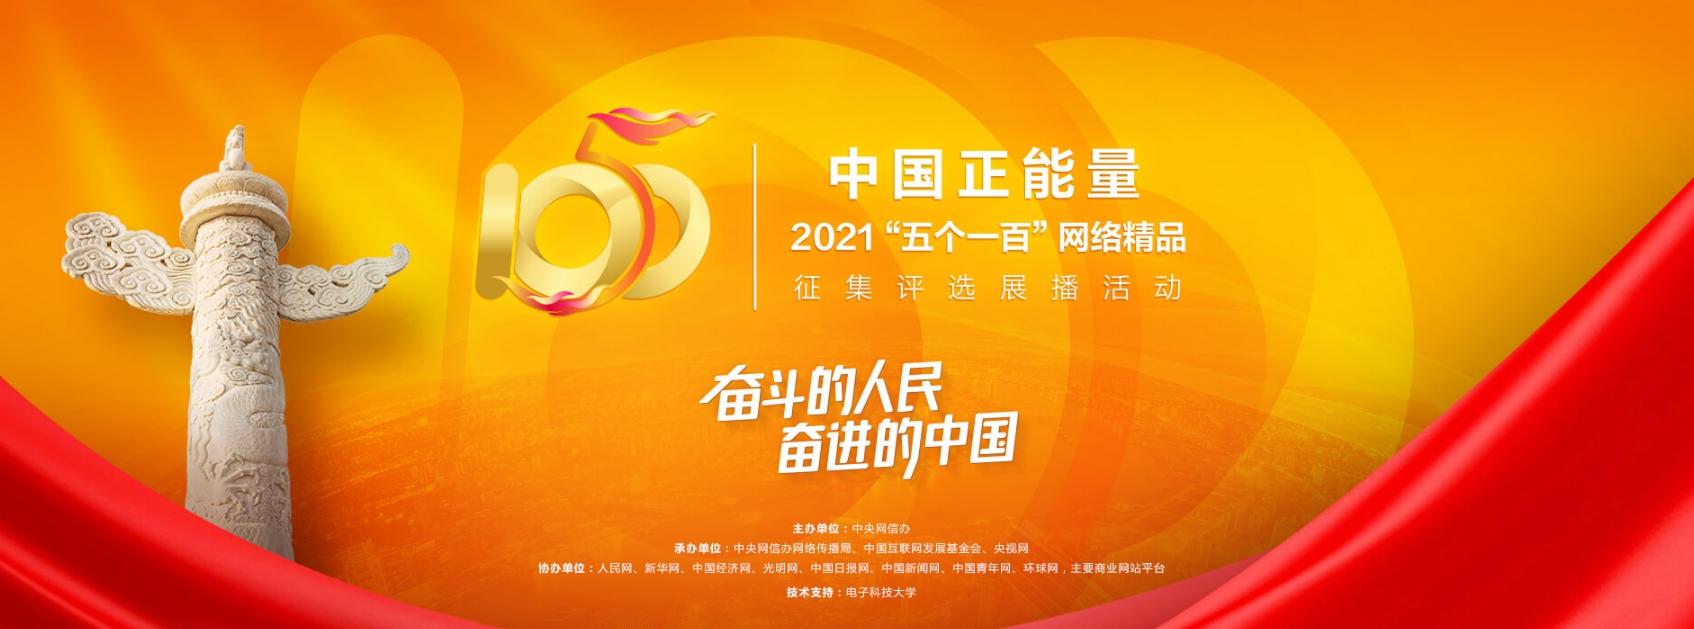 """中国正能量2021""""五个一百""""网络精品征集评选展播活动海报"""